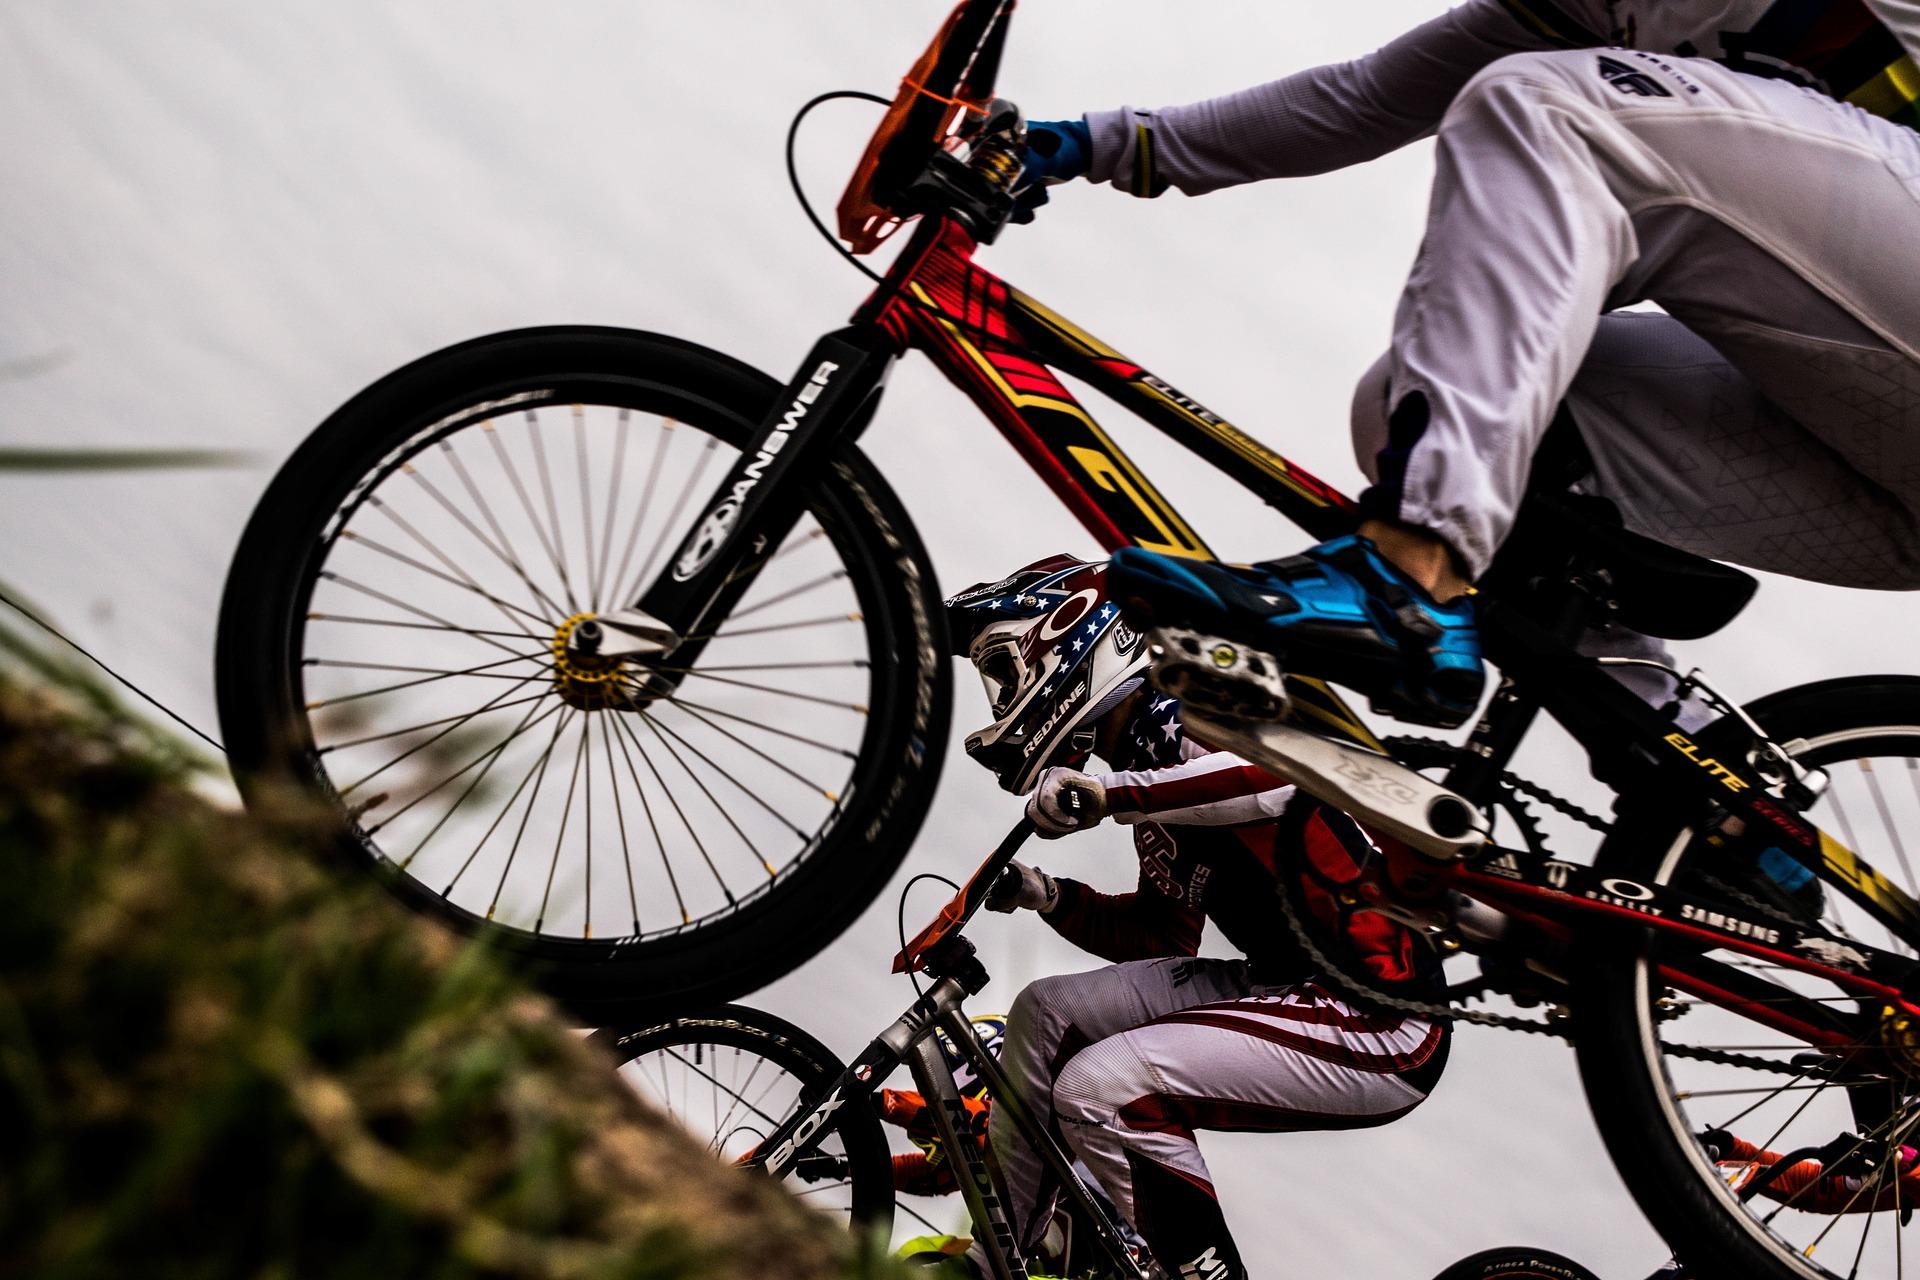 le migliori scarpette da mountain bike